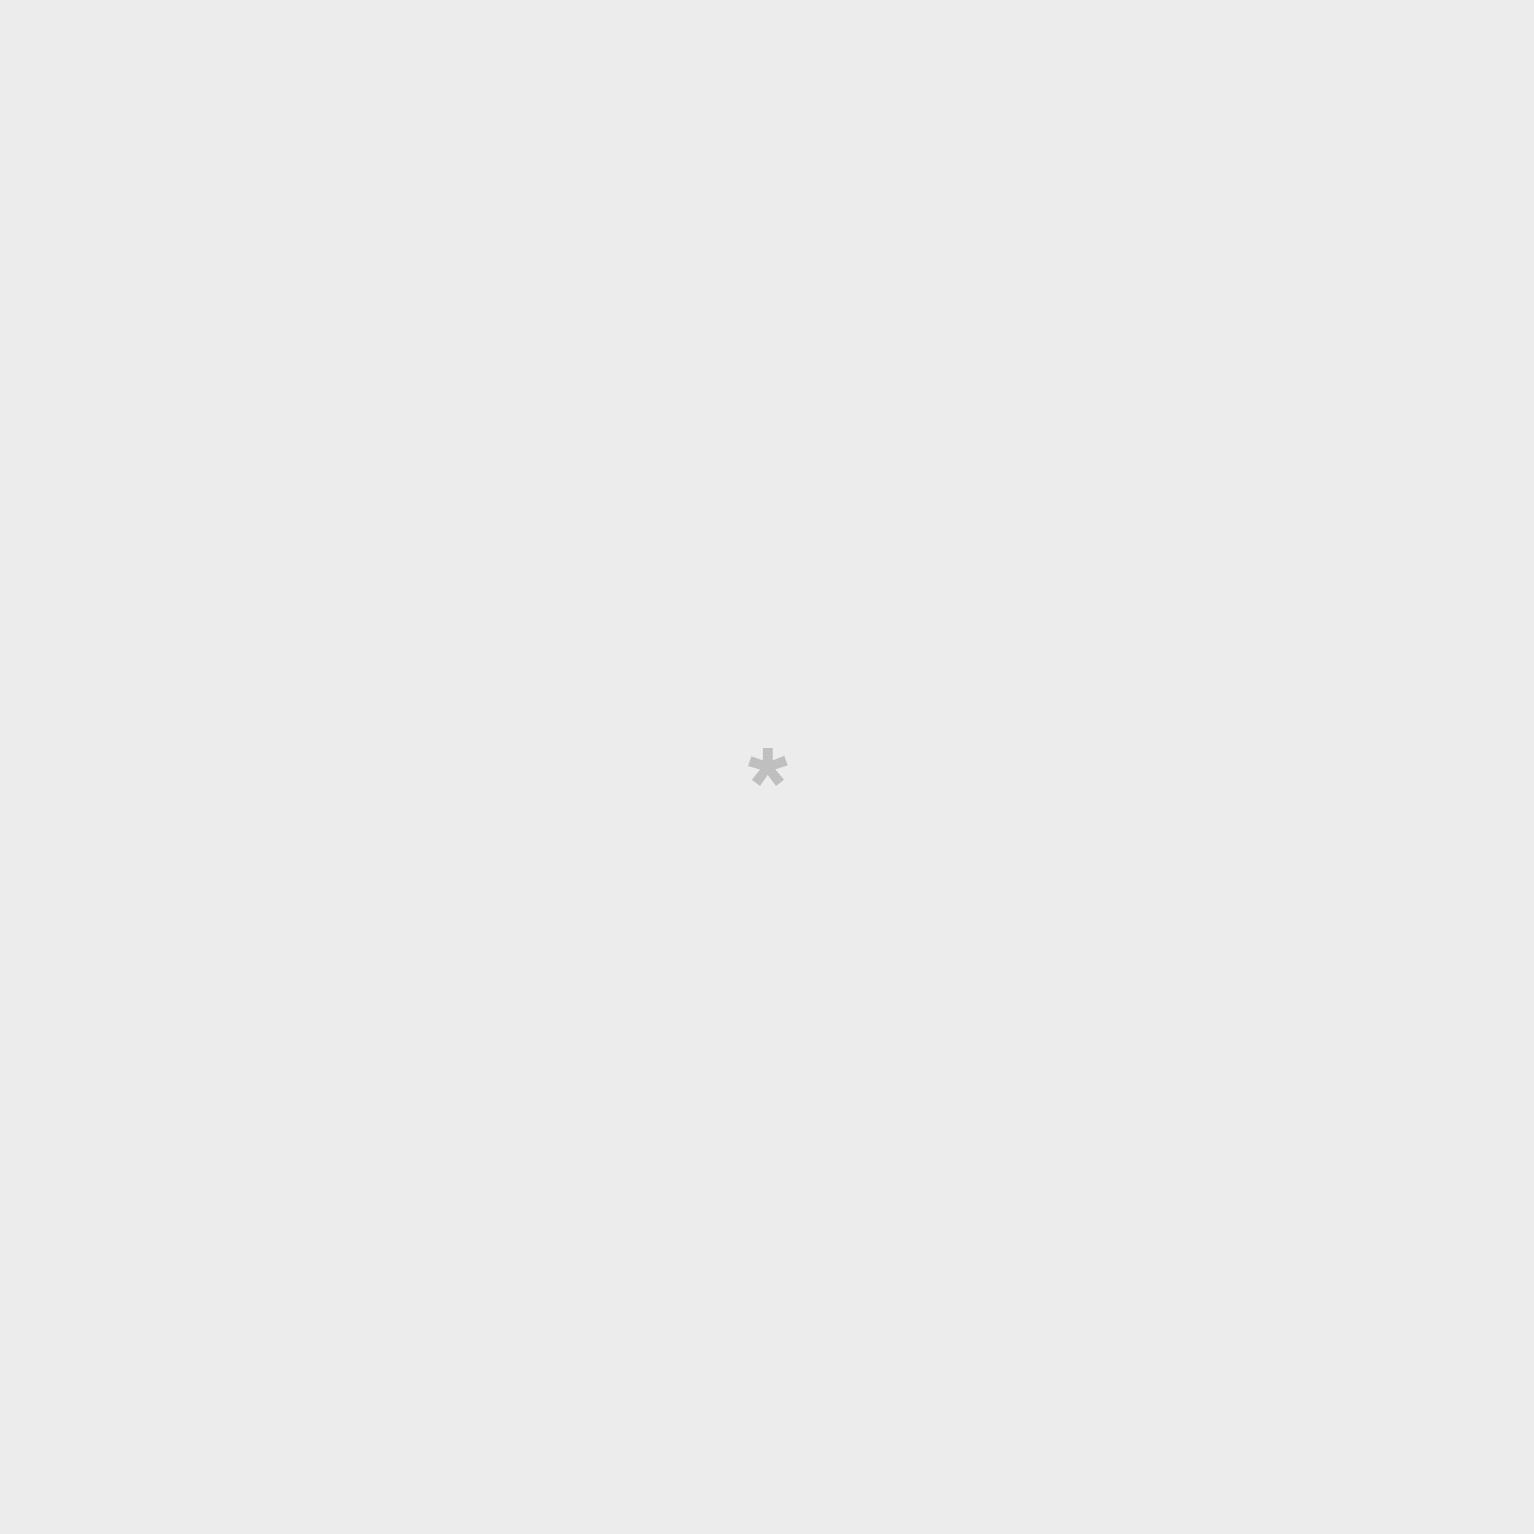 Cahier - Les meilleures aventures commencent avec un cahier